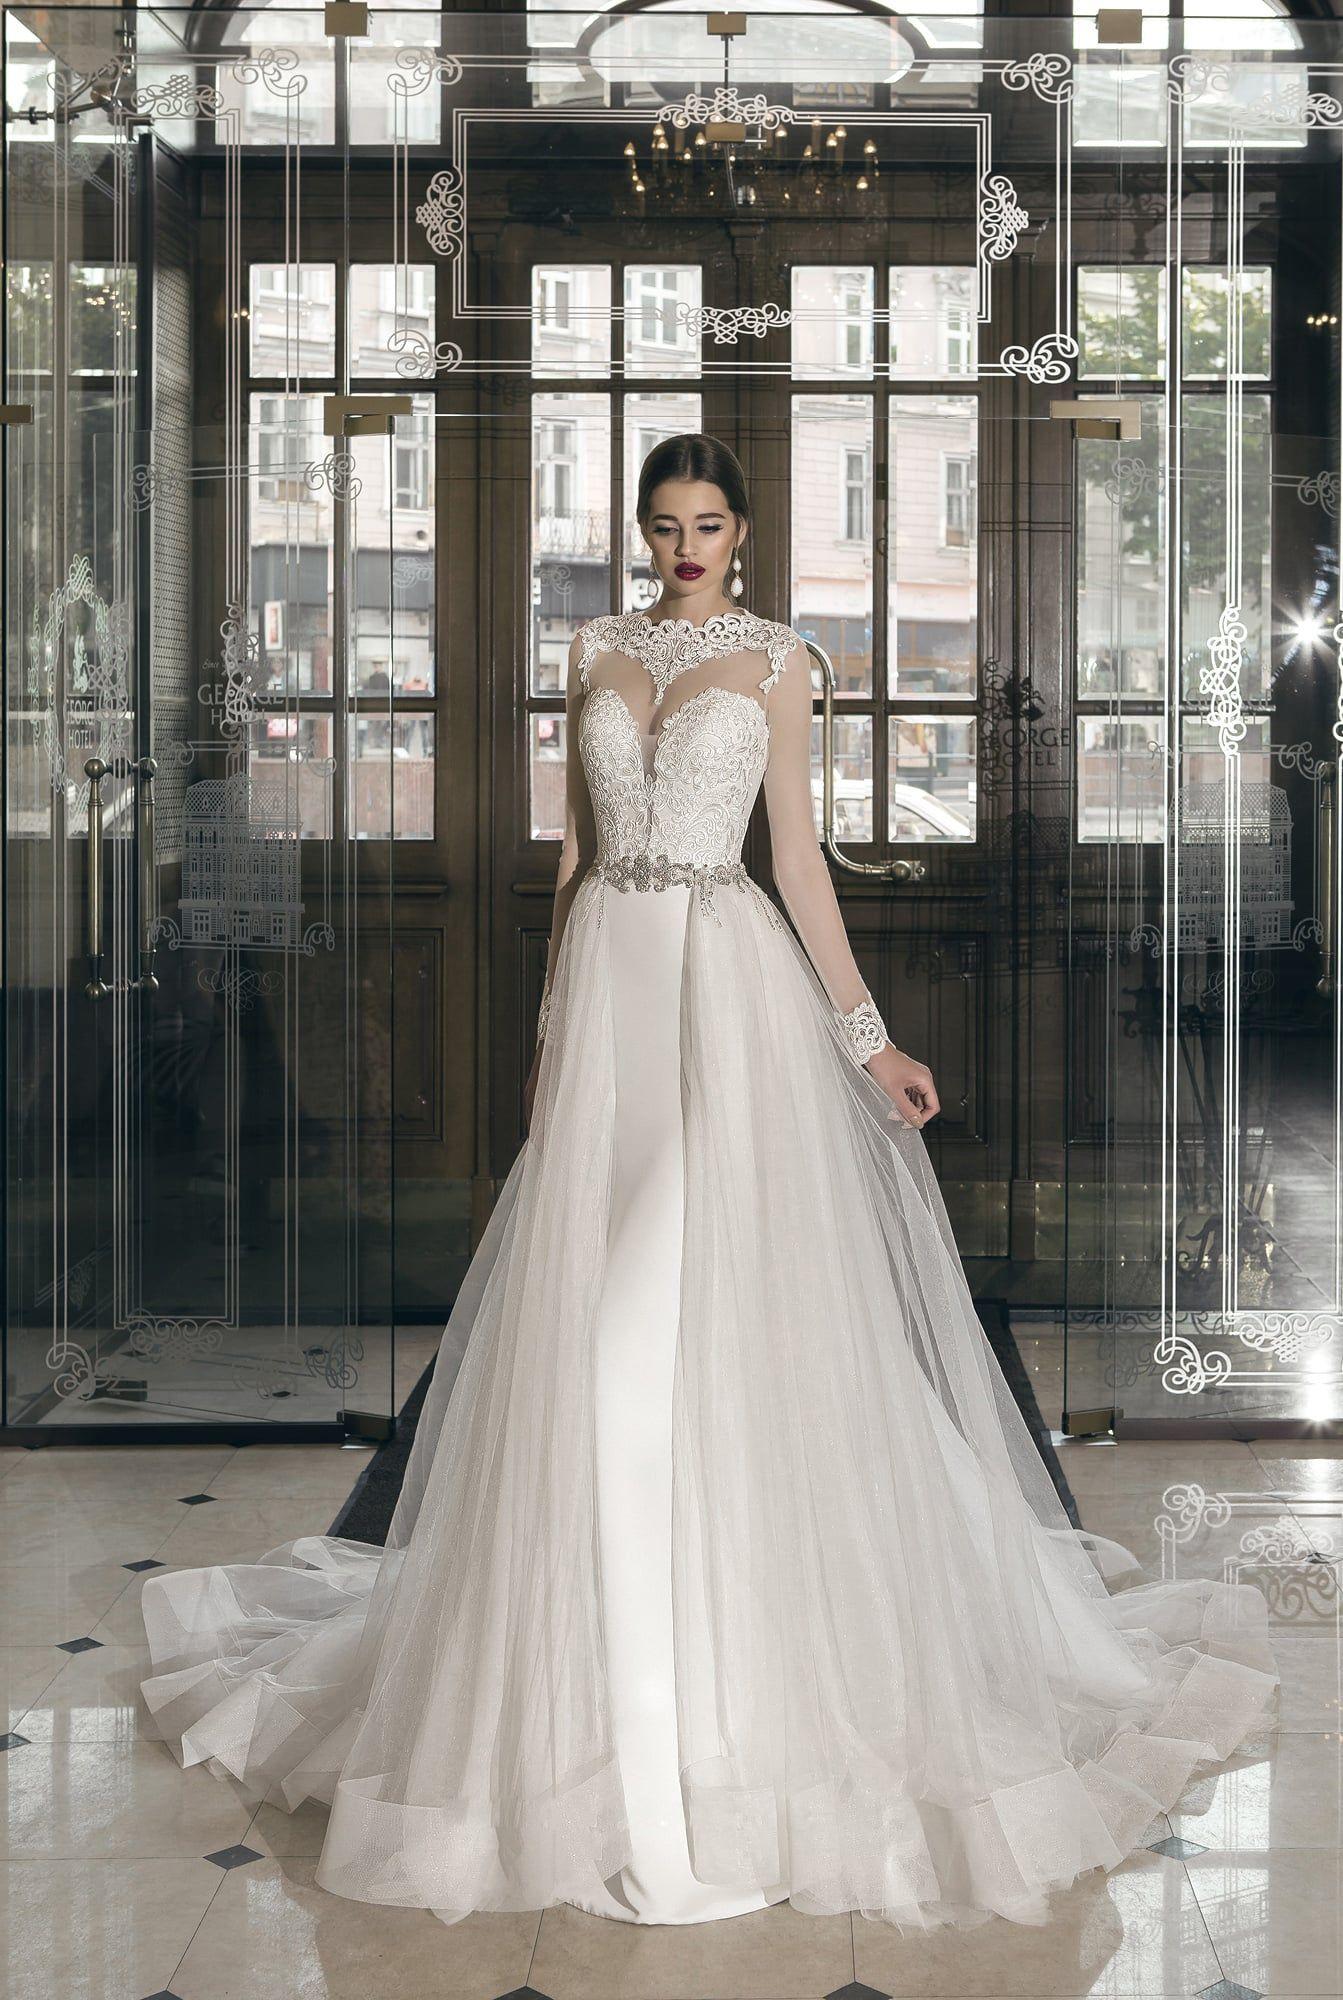 15412bd444a Свадебное платье 5416a ▷ Свадебный Торговый Центр Вега в Москве ...